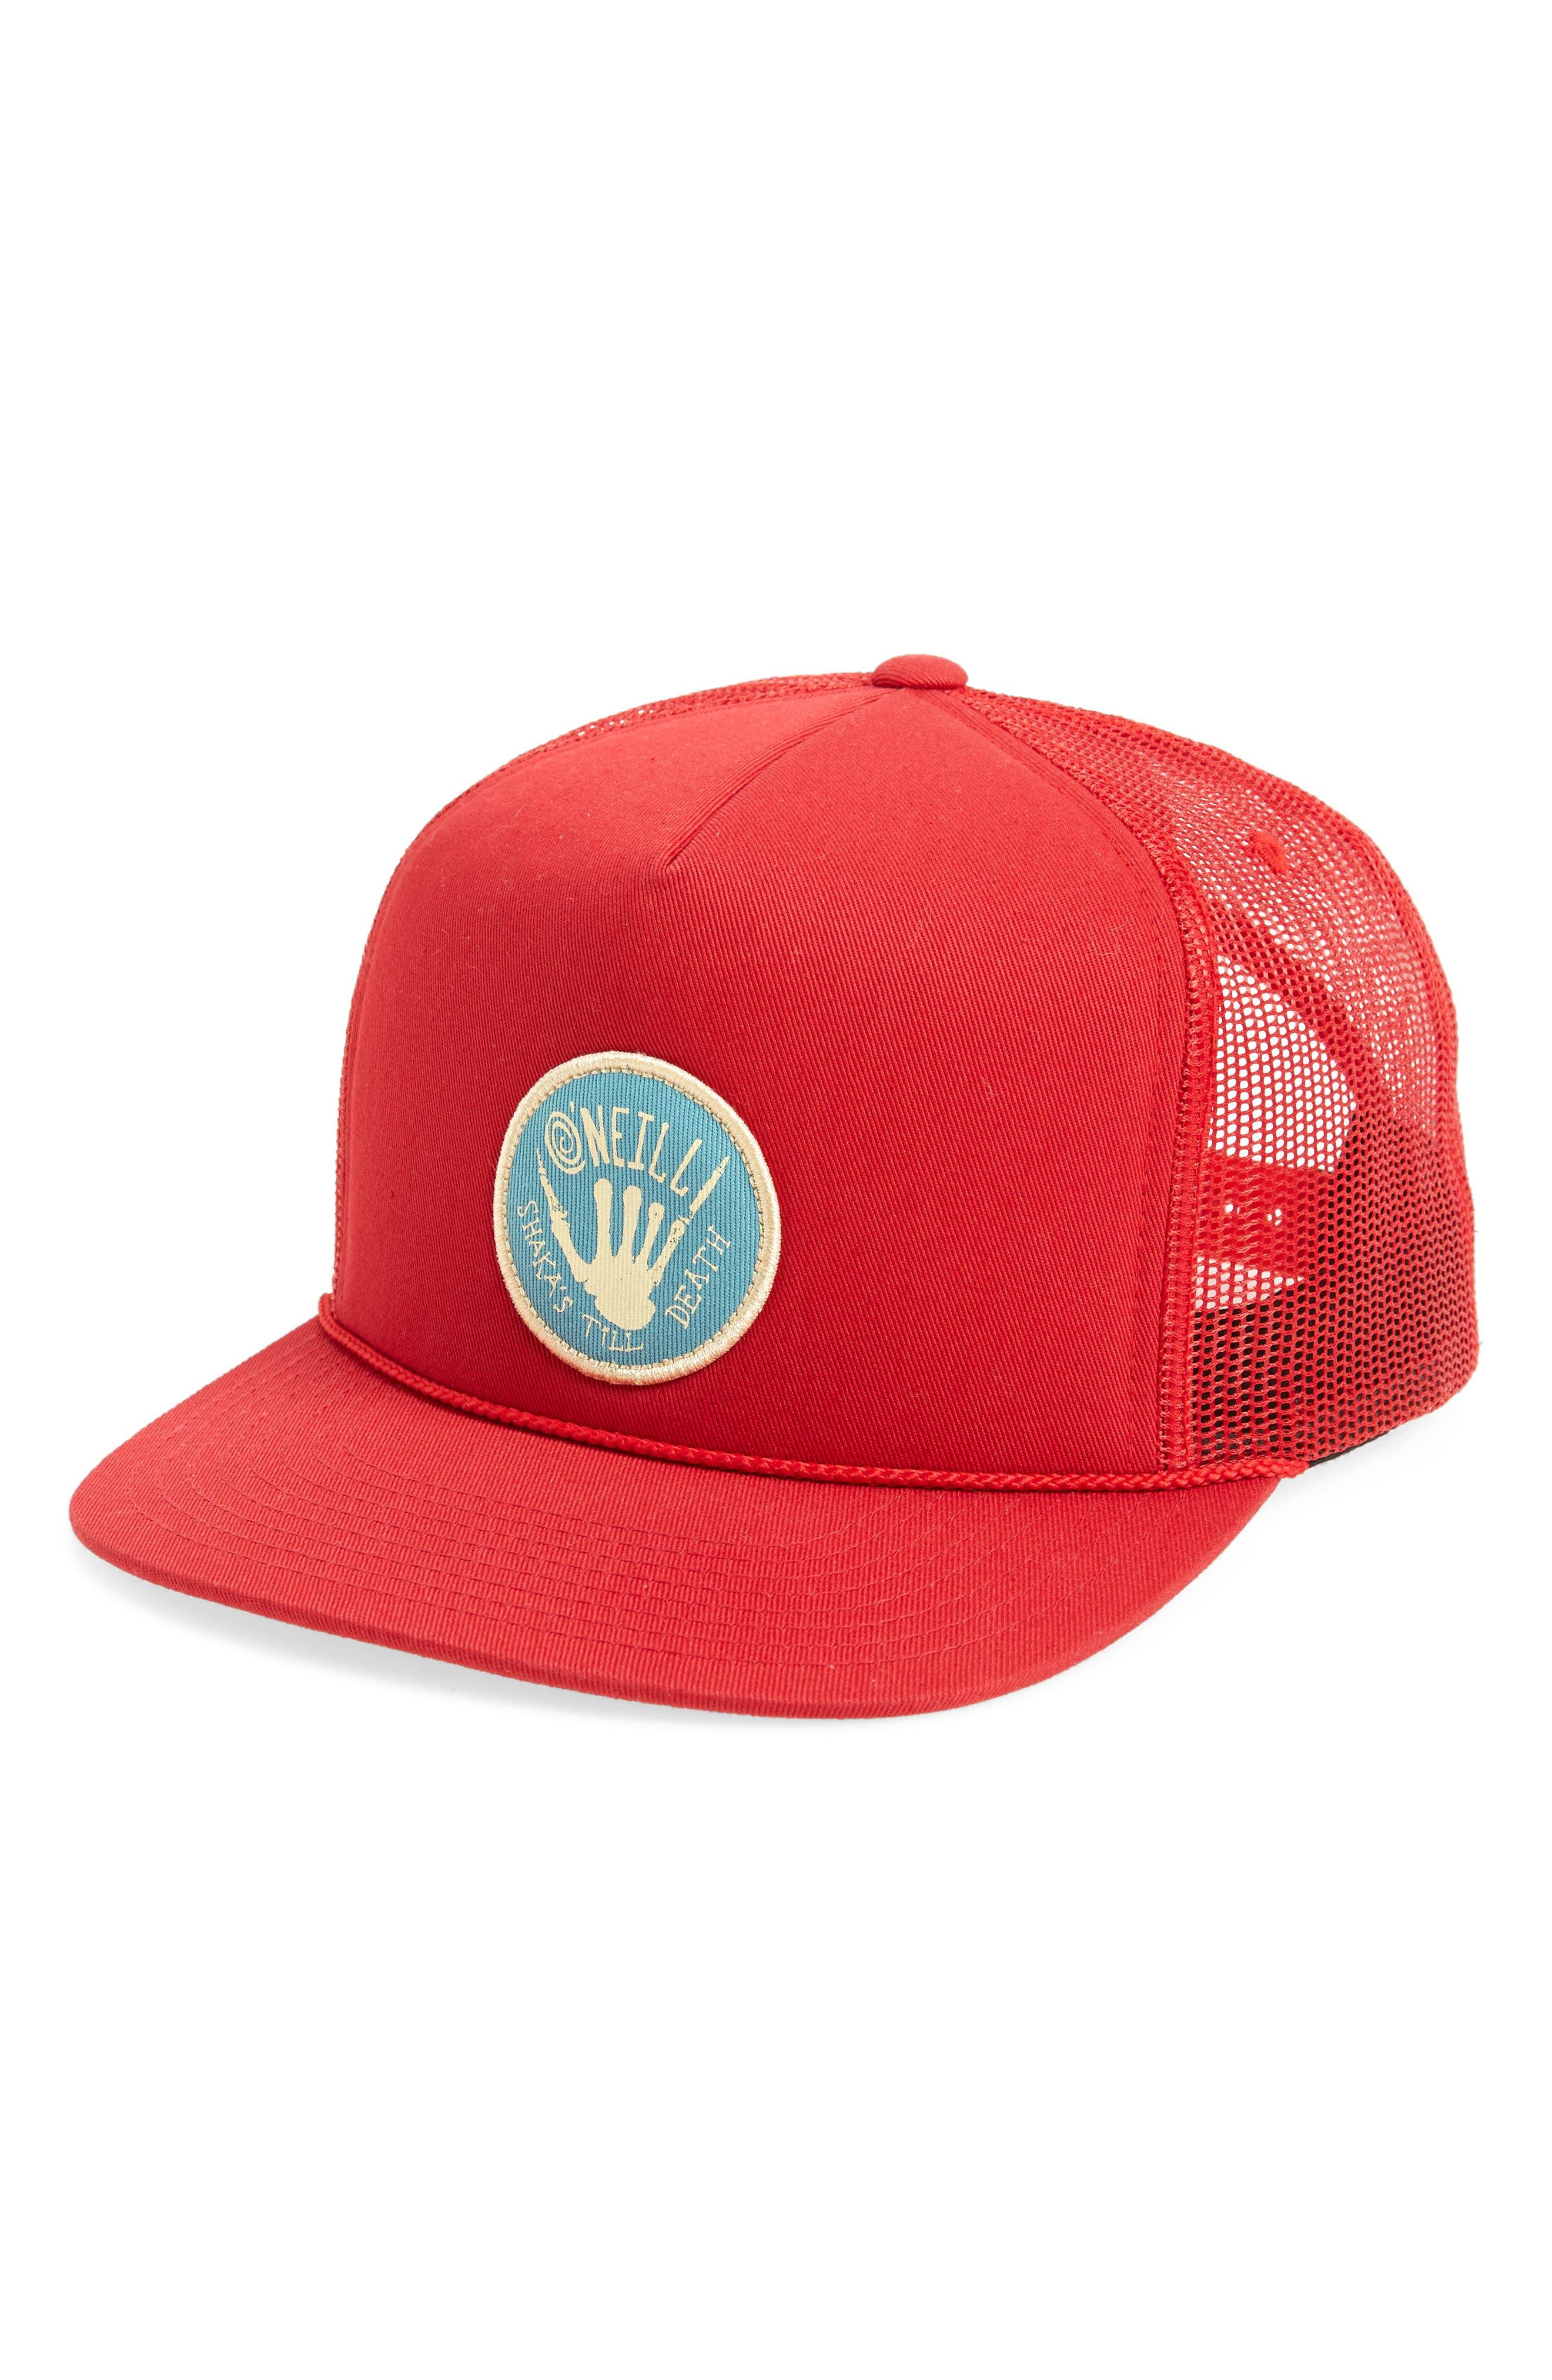 O'Neill Shaka till Death Trucker Hat